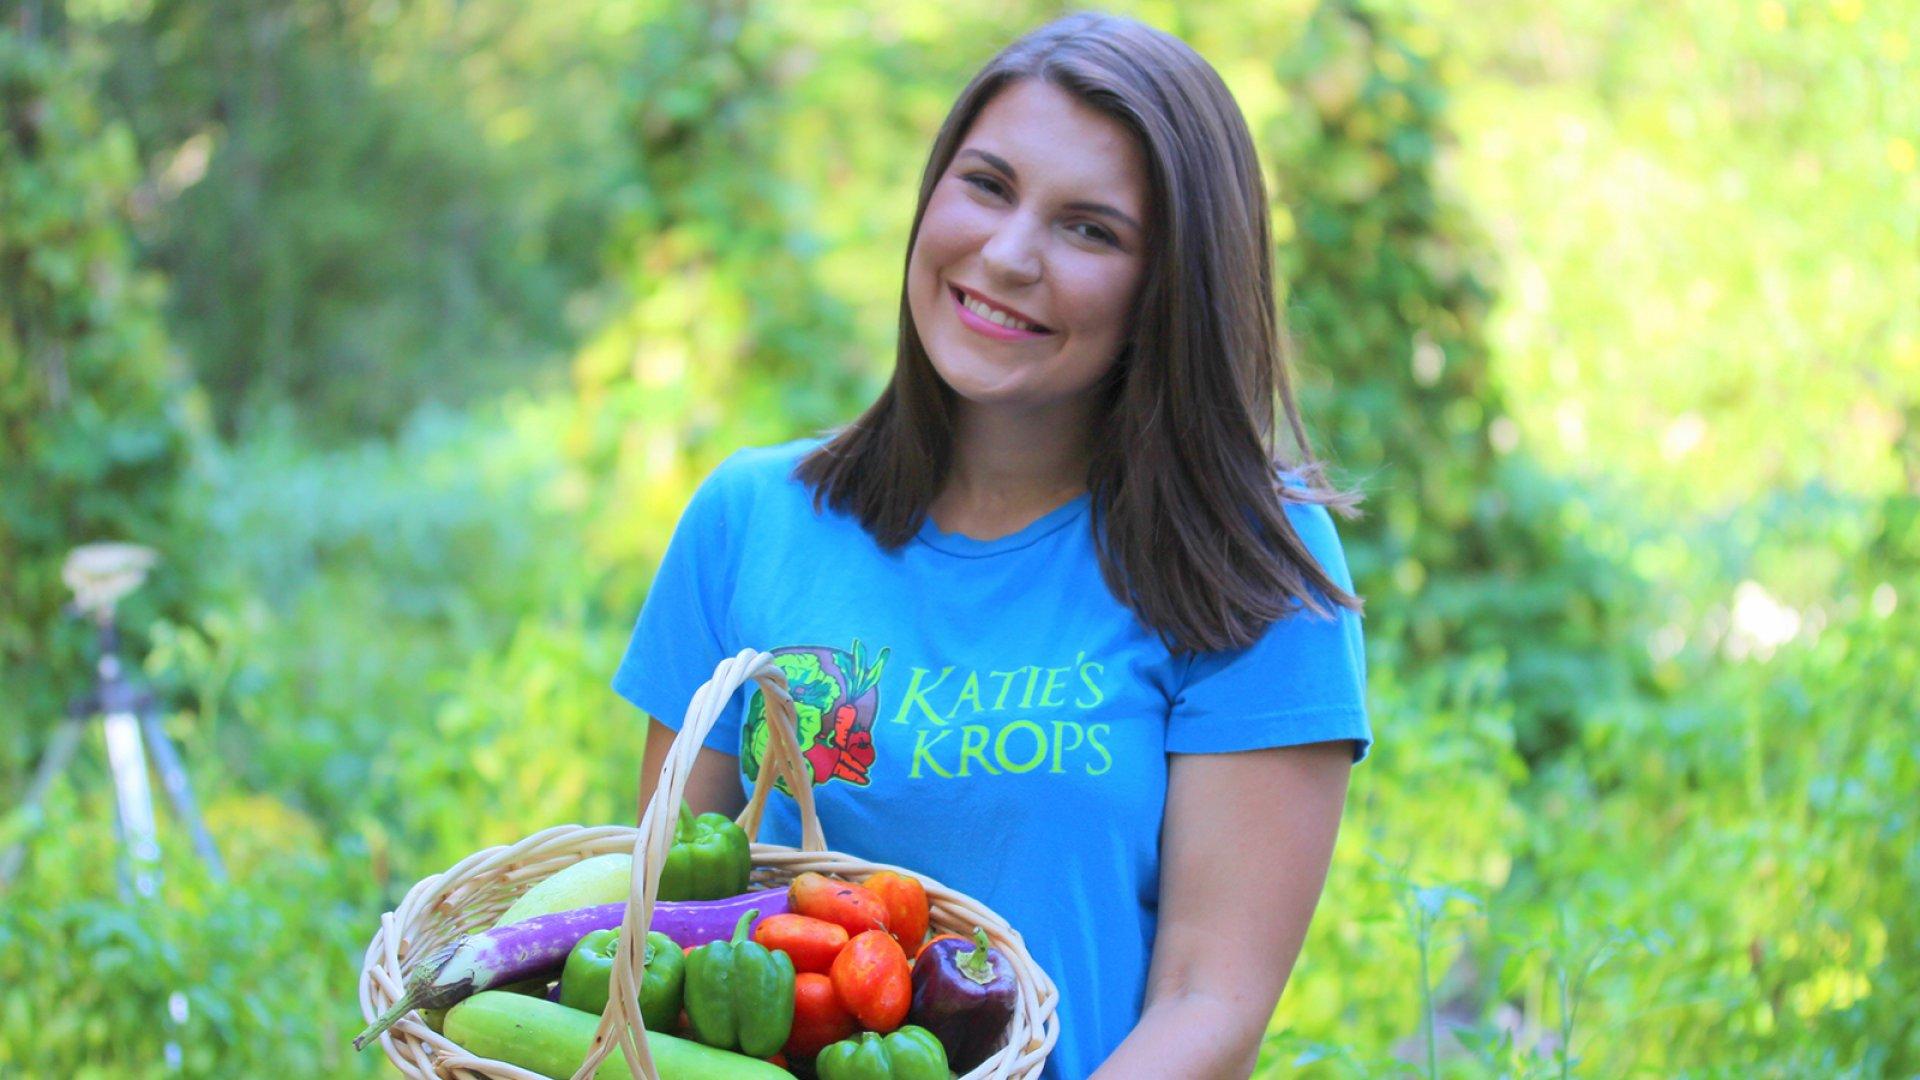 Katie's Krops founder Katie Stagliano.